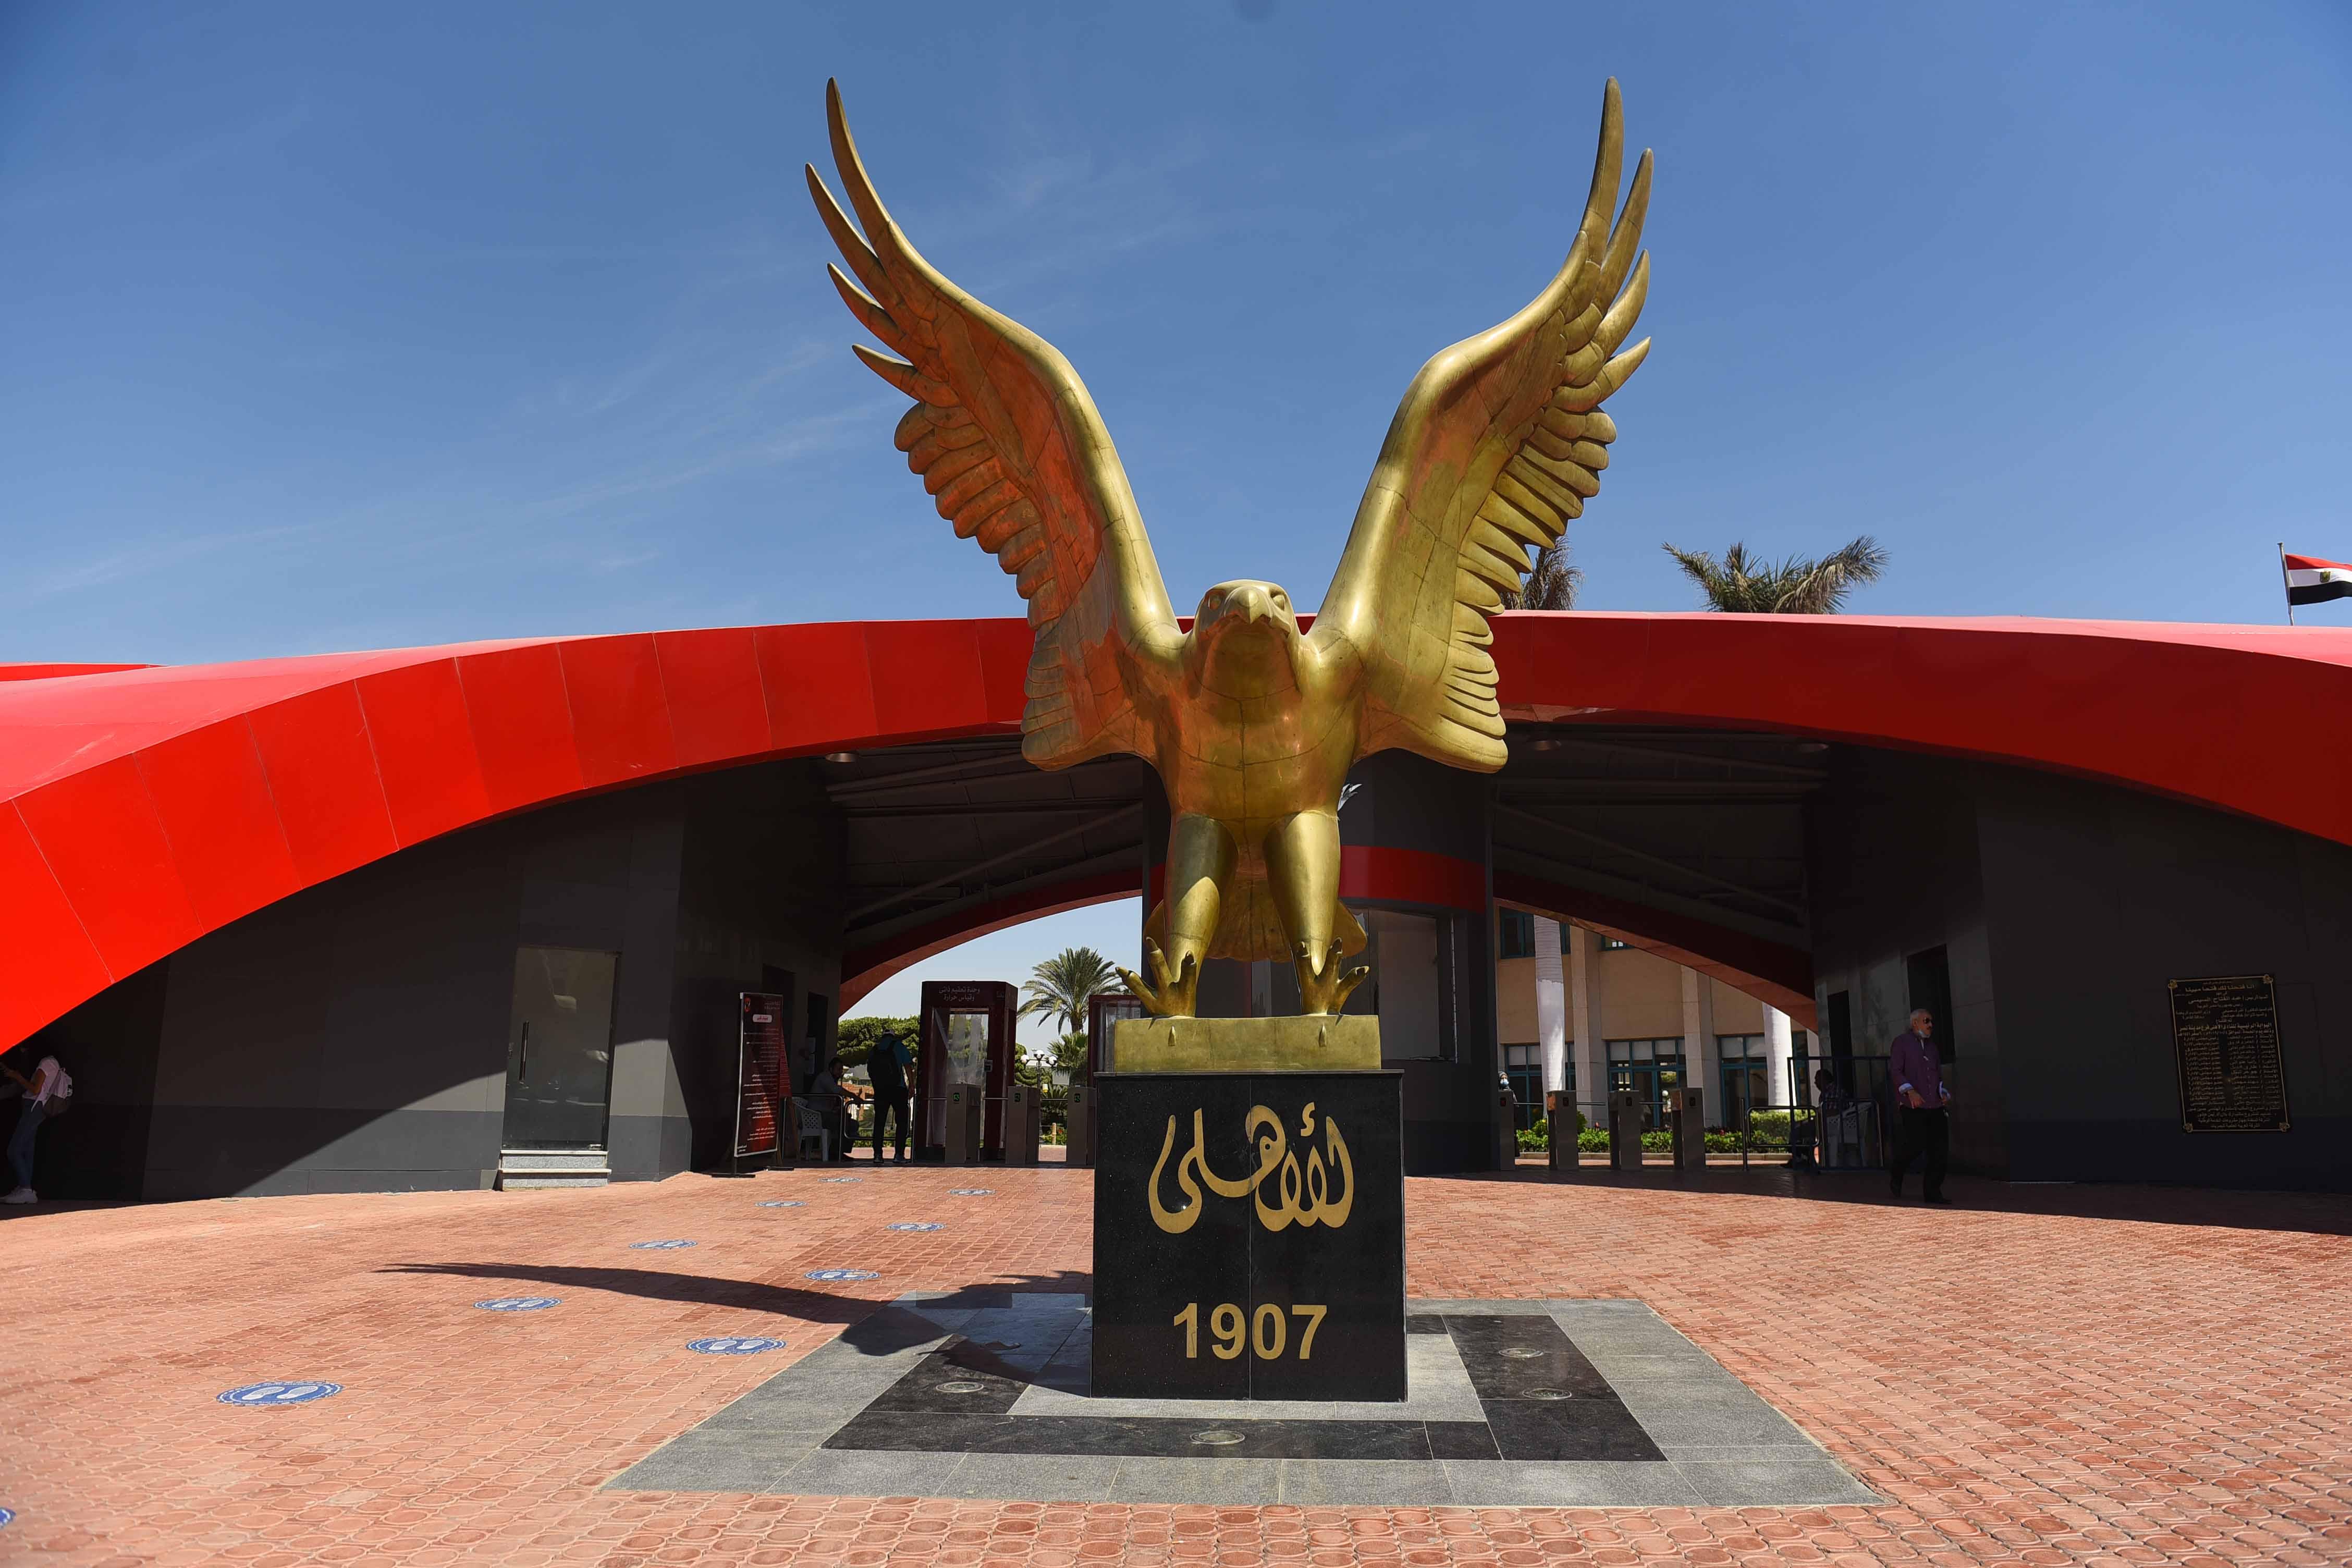 المحكمة الرياضية الدولية تلزم النجم الساحلي وكوليبالي بدفع مليون و400 ألف دولار للأهلي